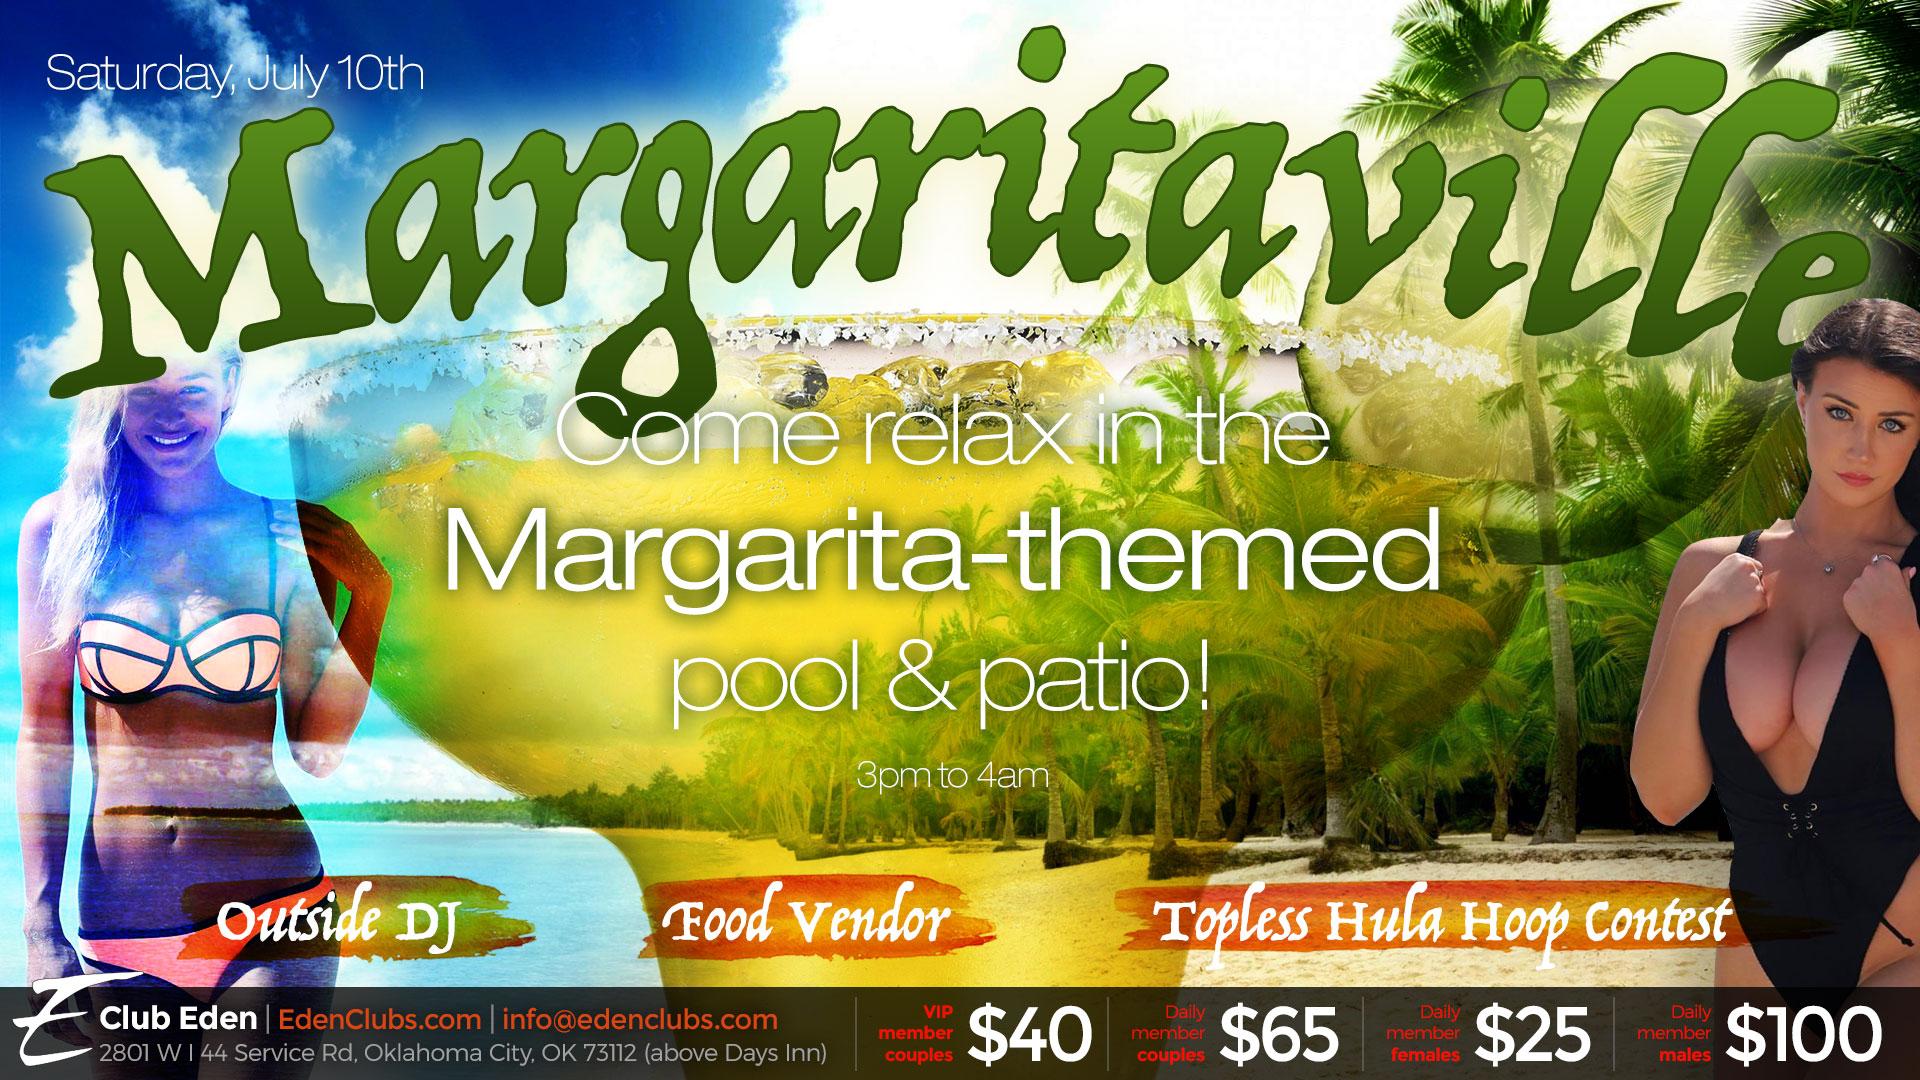 071021-Margaritaville-eden-okc-tv